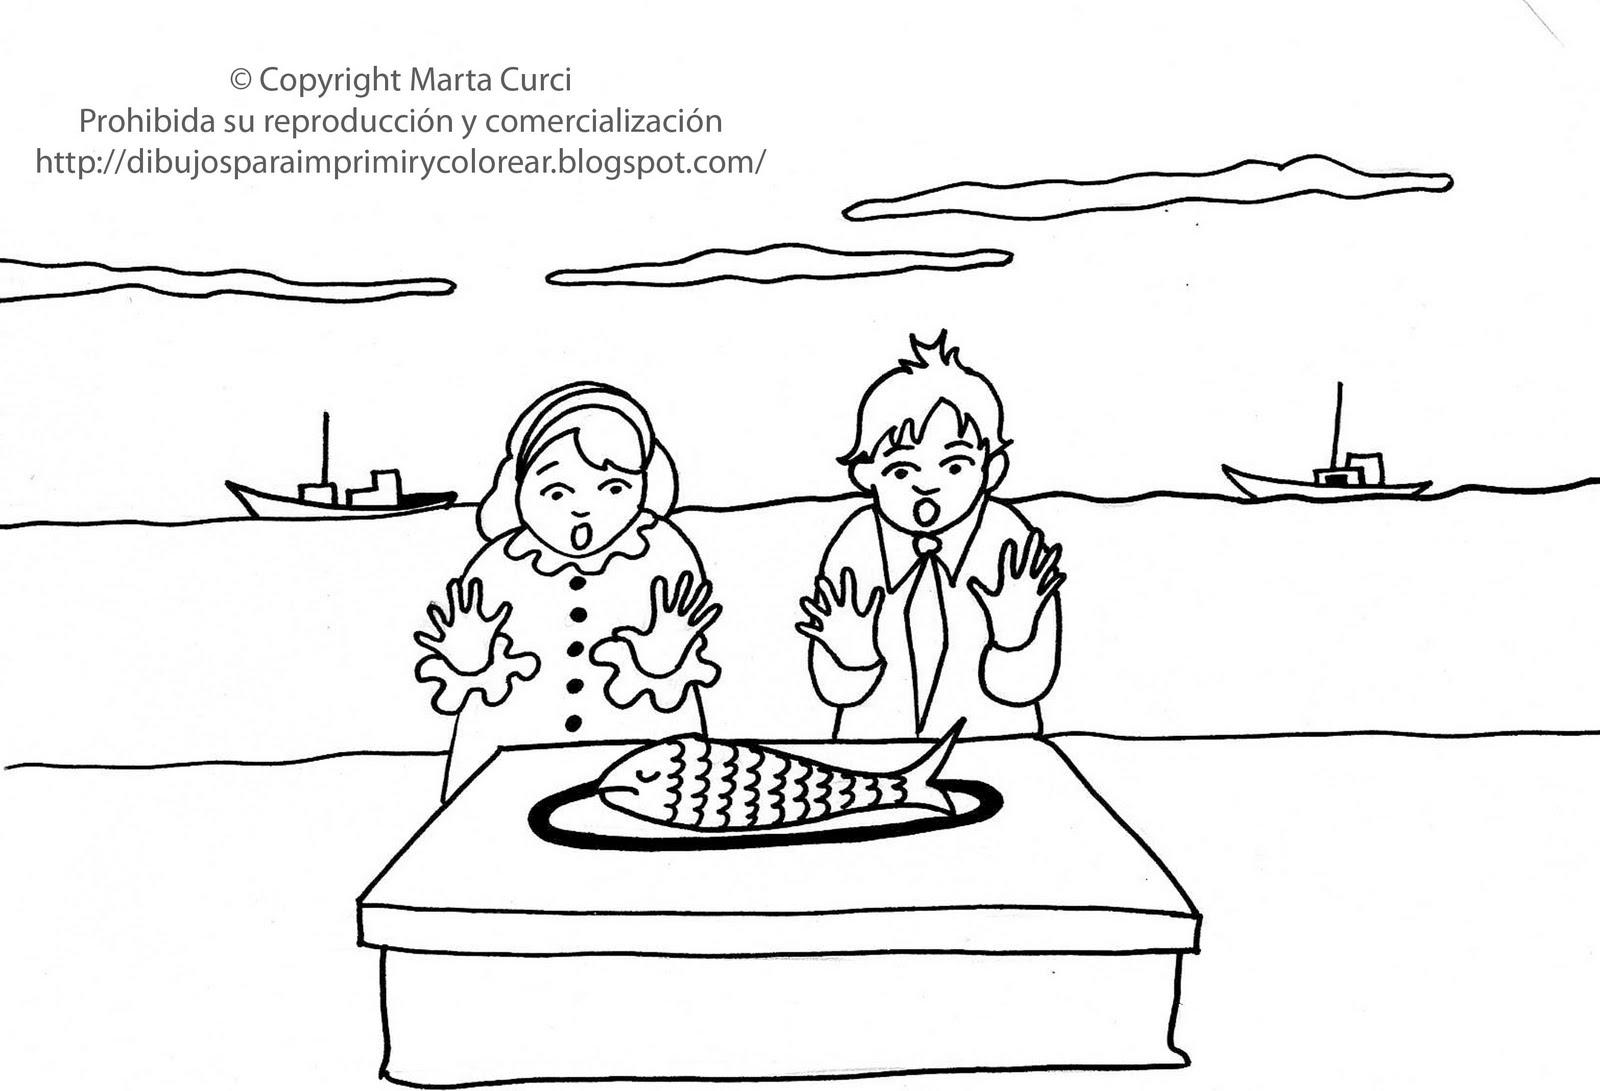 Dibujos Para Colorear Ninos Comiendo: Dibujos Para Imprimir Y Colorear Gratis Para Niños: Dibujo